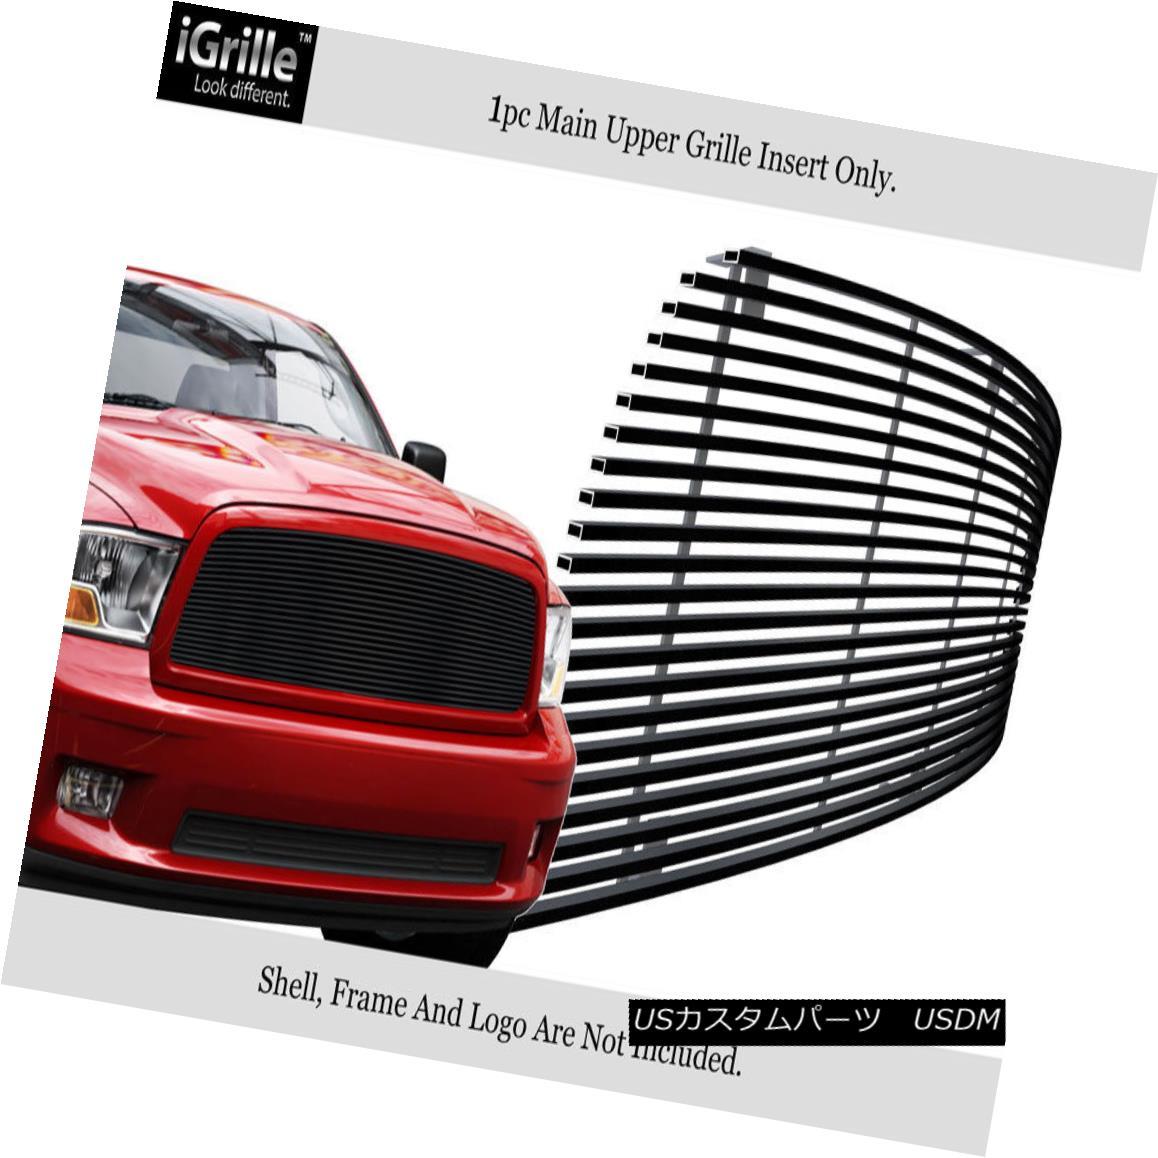 グリル For 2009-2012 Dodge Ram 1500 Pickup Black Stainless Steel Billet Grille 2009-2012ダッジラム1500ピックアップブラックステンレス鋼ビレットグリル用